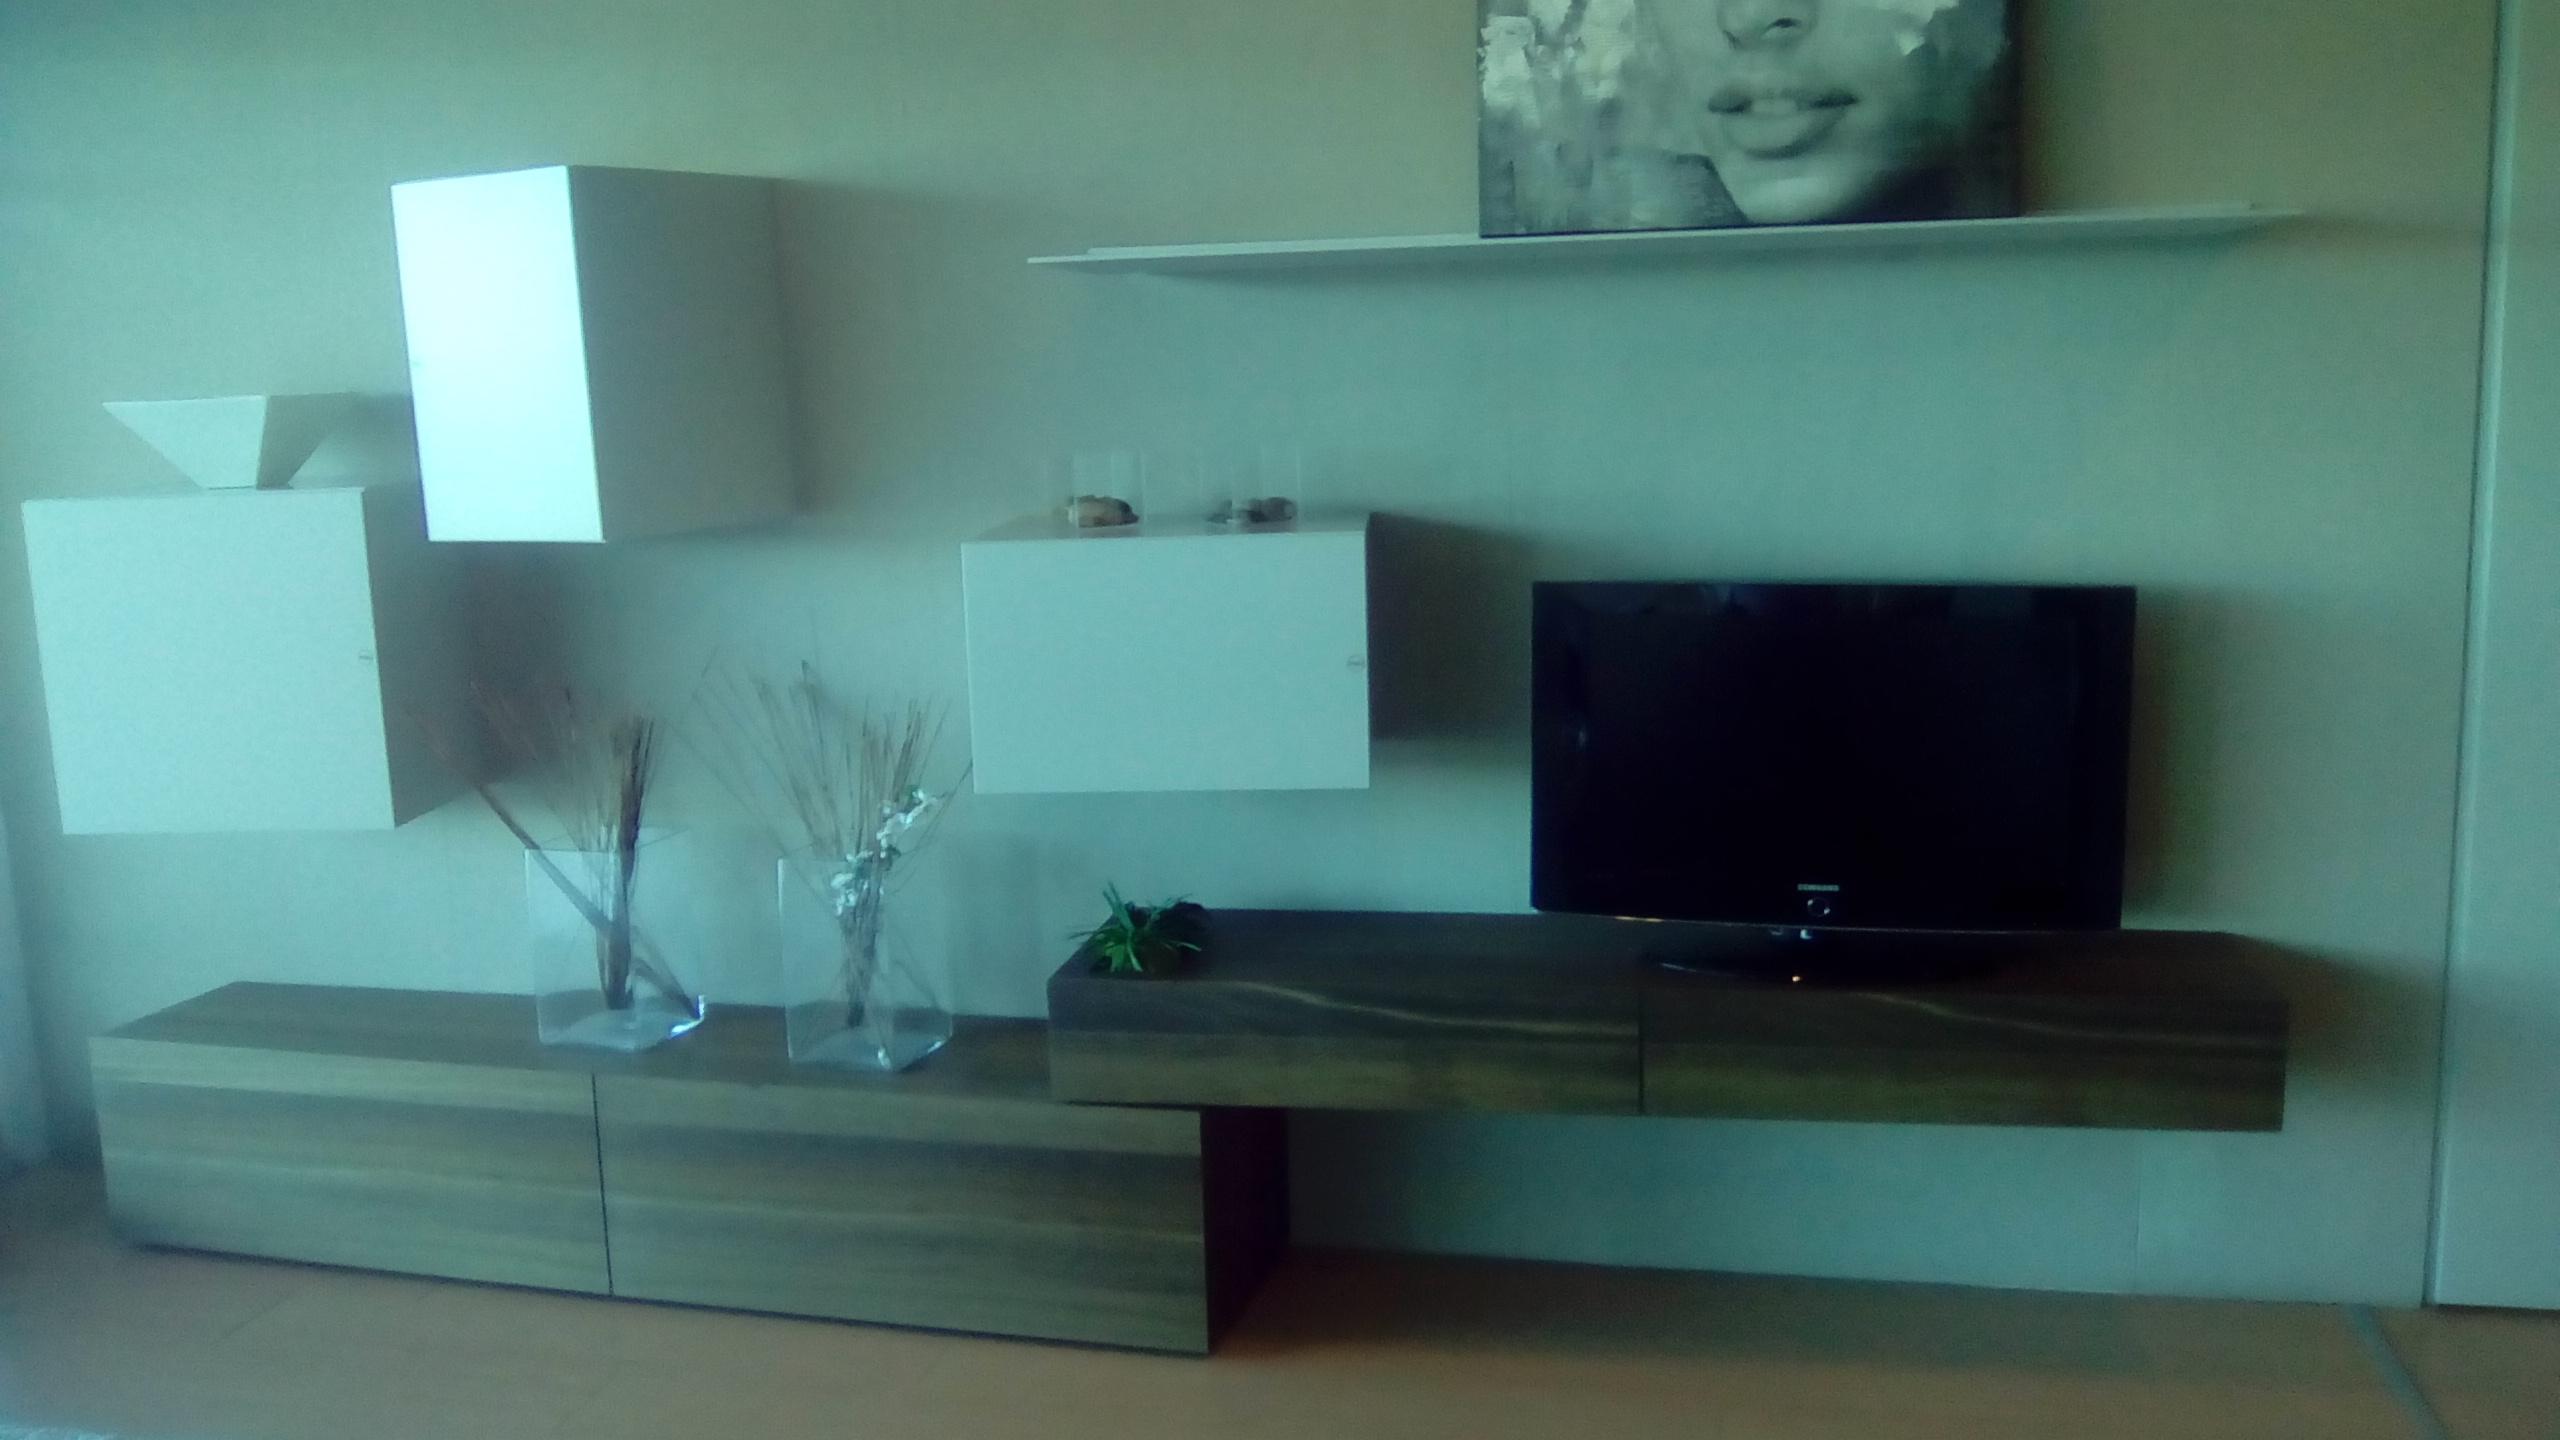 Presotto Armadio. Varius Free Walkin Closet By Presotto With ...